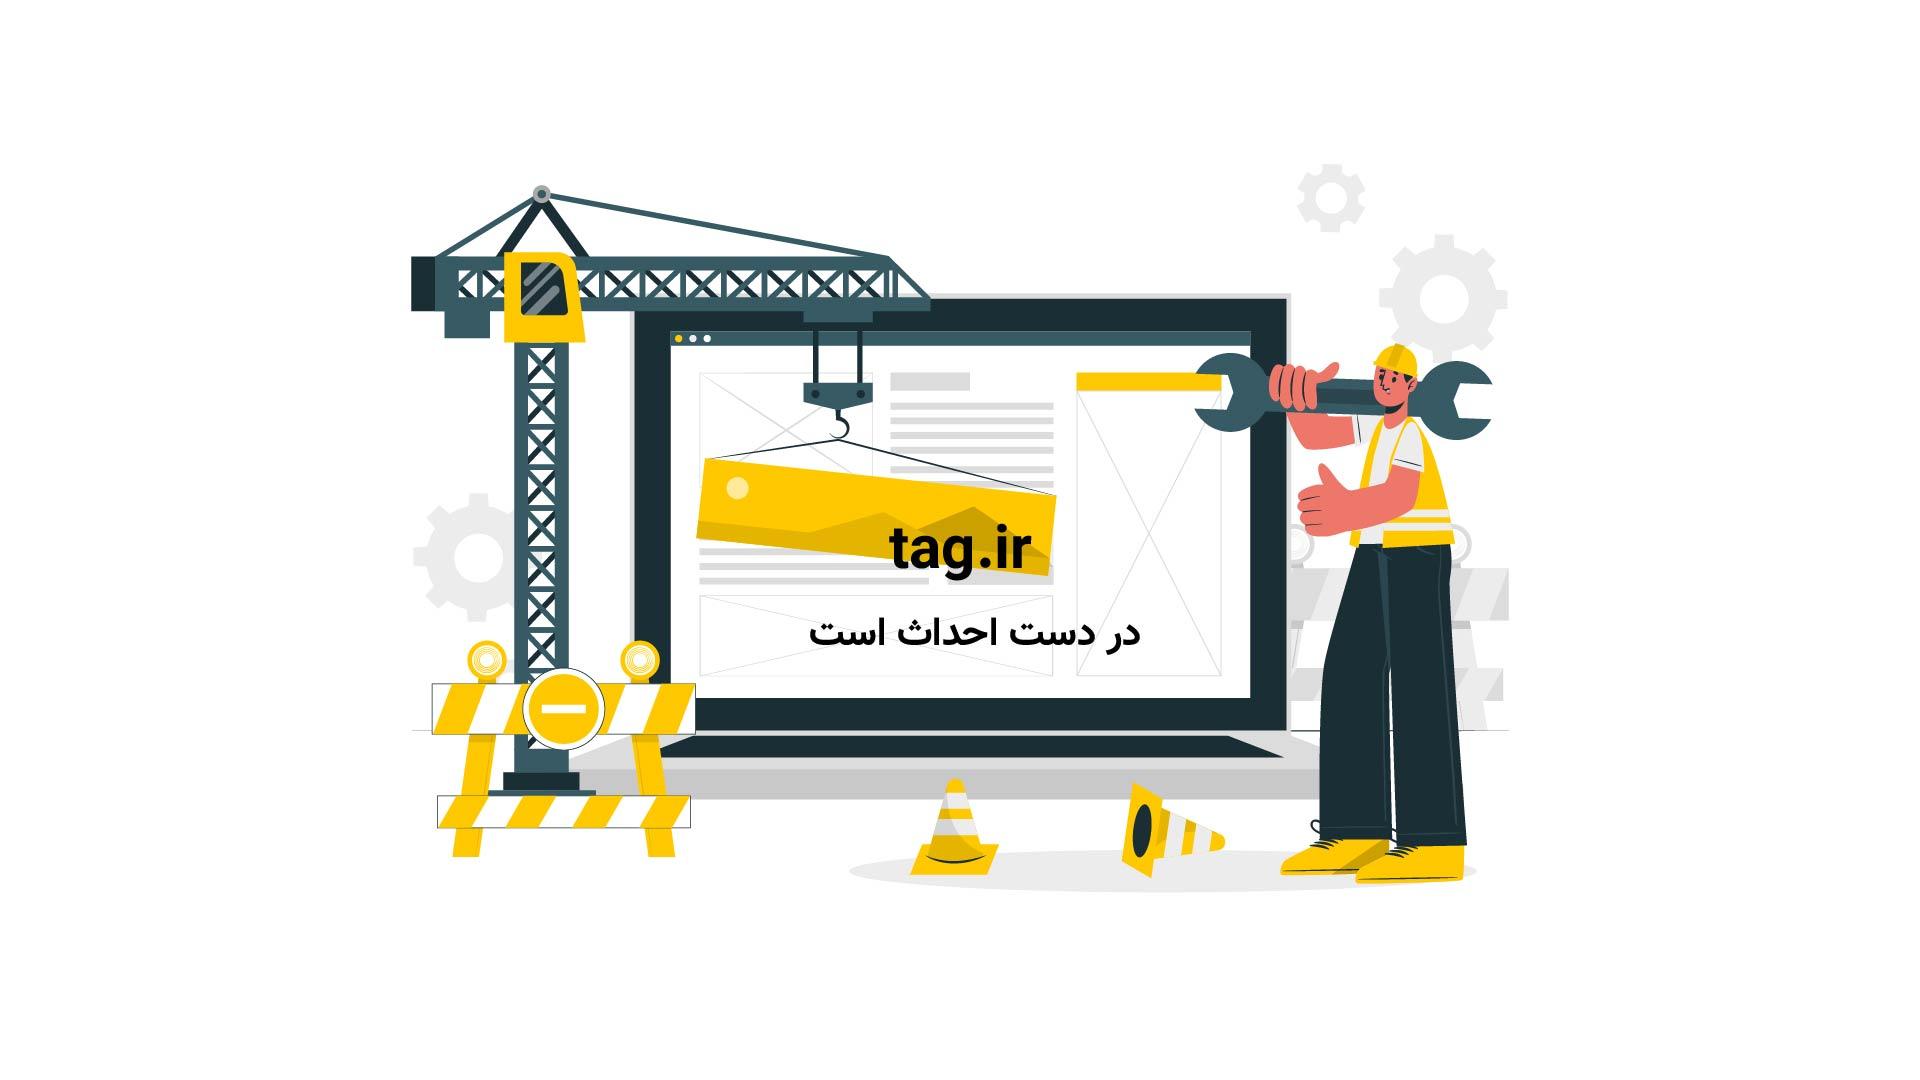 محکومیت رفتارهای غیراسلامی عربستان با حجاج